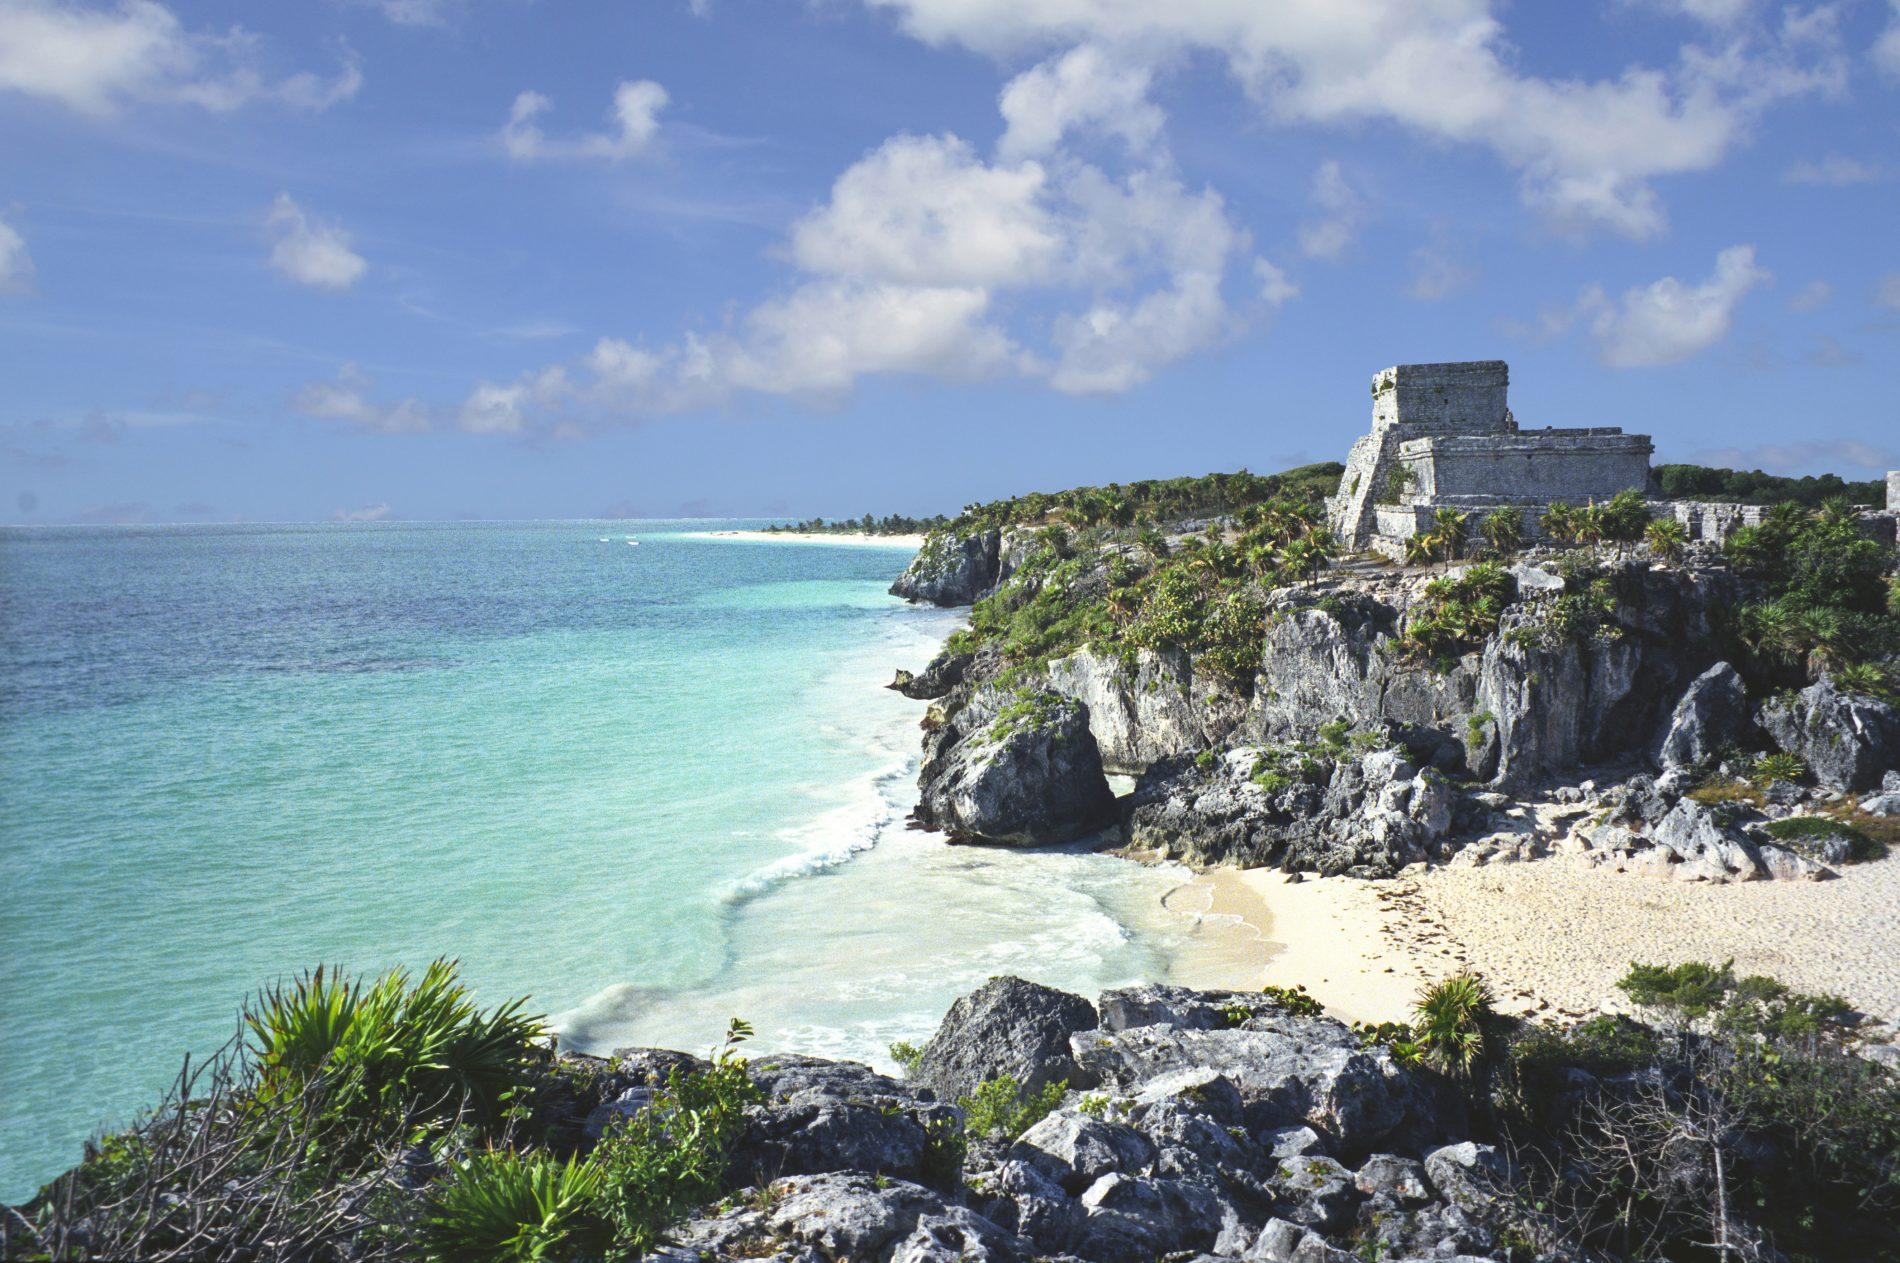 A bela paisagem de Tulum, onde as ruínas maias se debruçam sobre o mar do Caribe